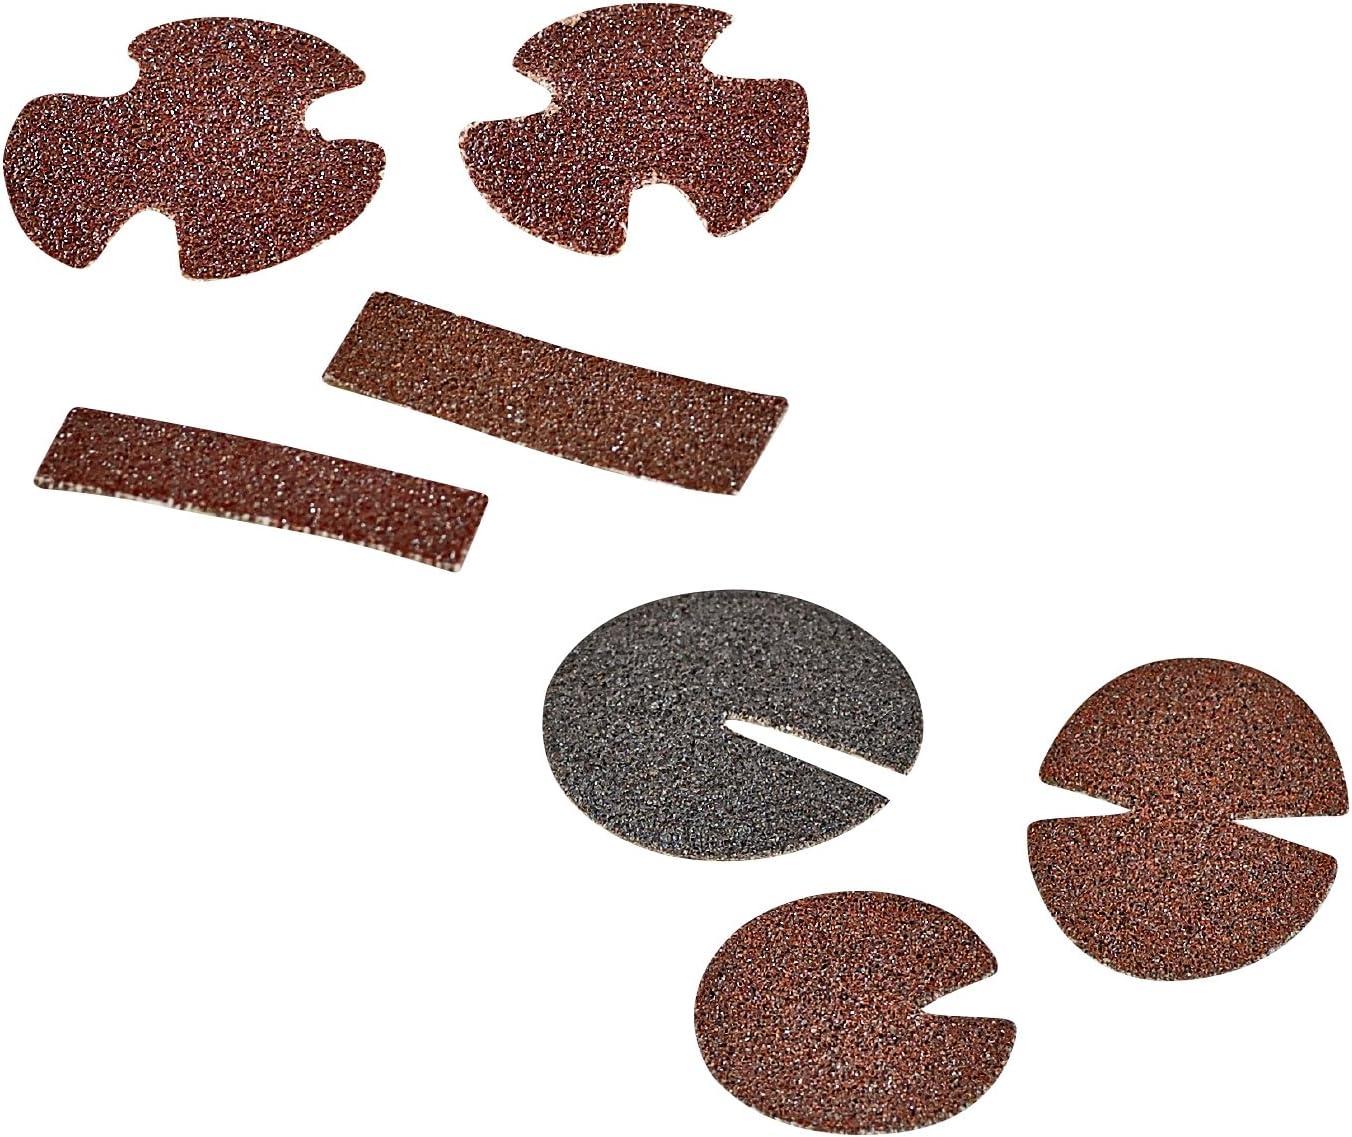 TipMaster TM61 6-in-1 Aluminum Pool Cue Tip Tool